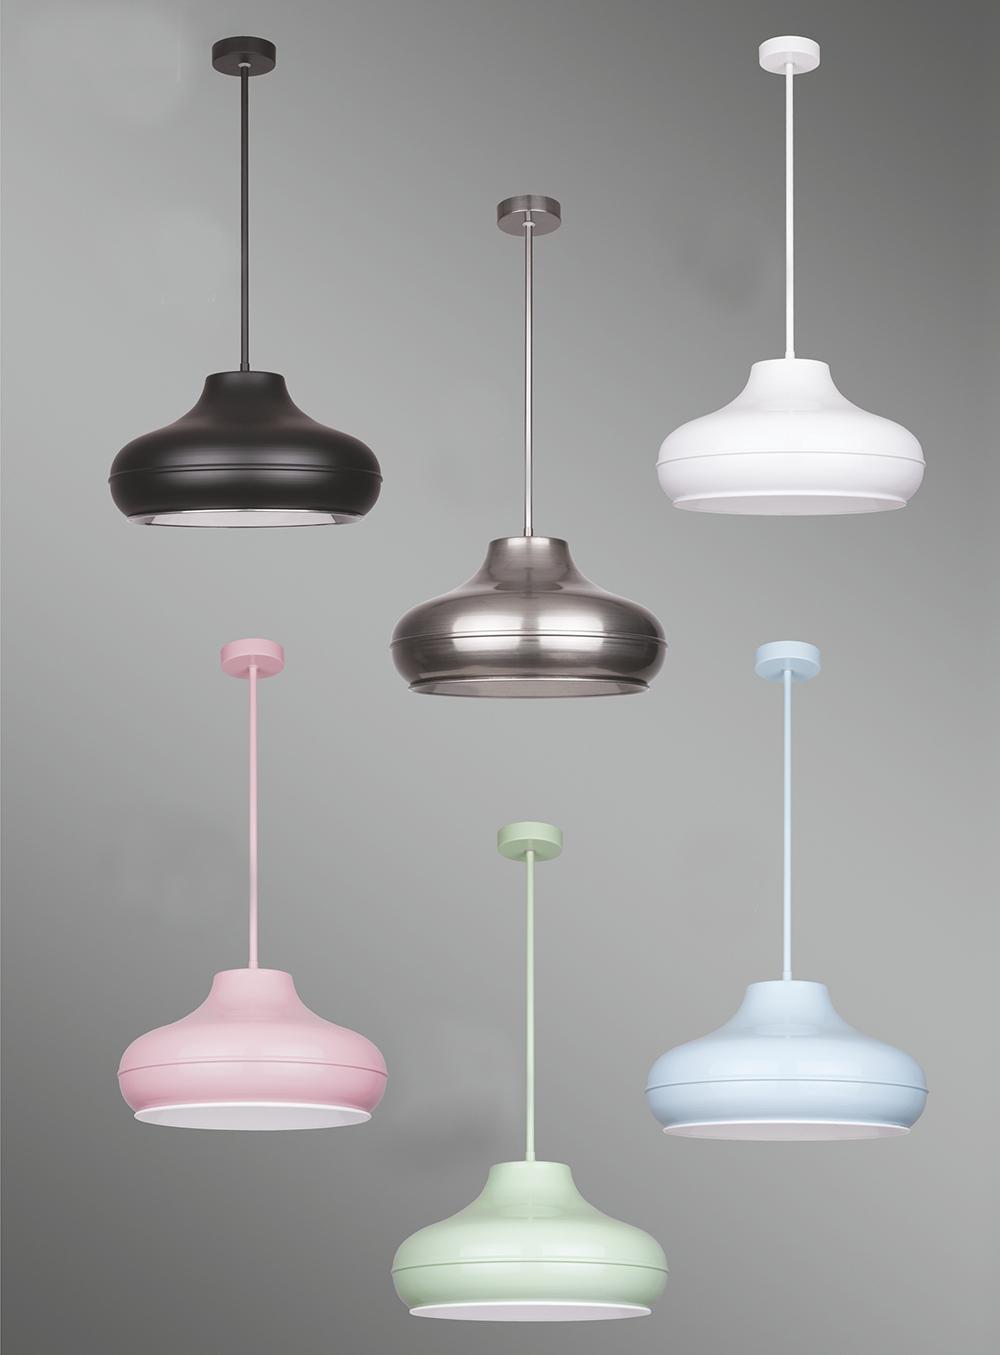 beti 1 moderne lampe suspension art d co design lampe chrome suspensions ebay. Black Bedroom Furniture Sets. Home Design Ideas